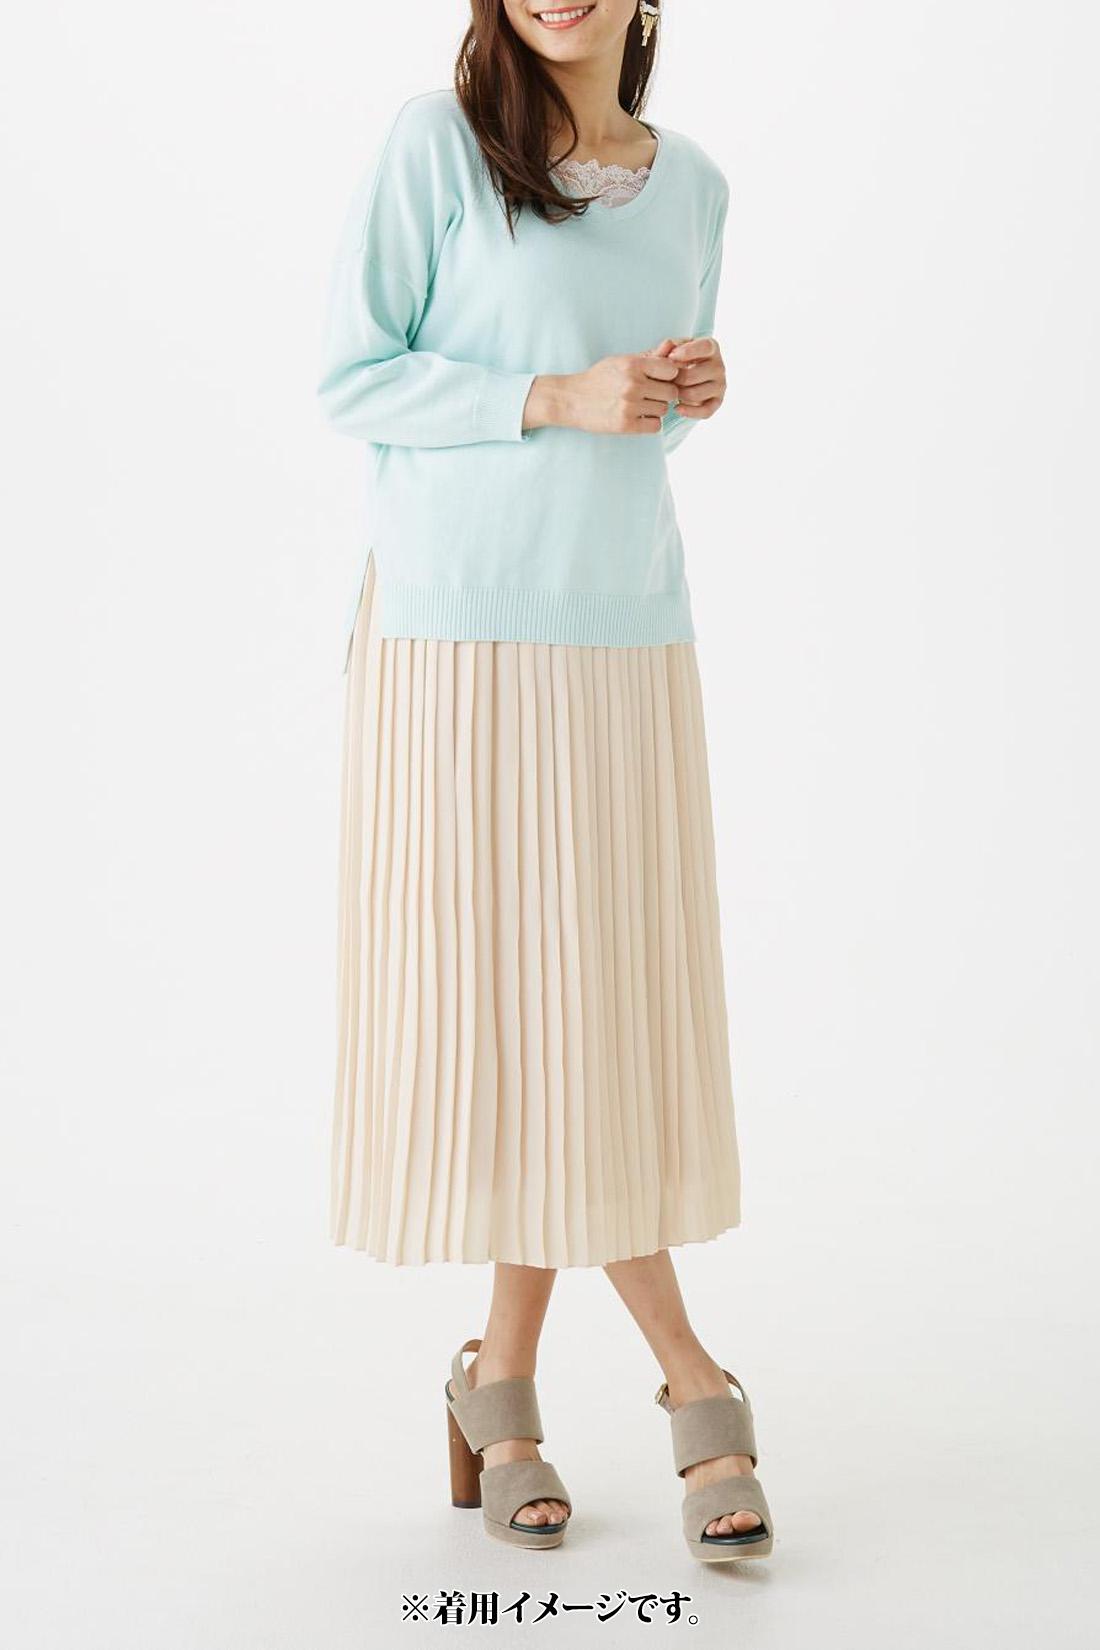 【スカートのみ着用】モデル身長:165cm 着用サイズ:M